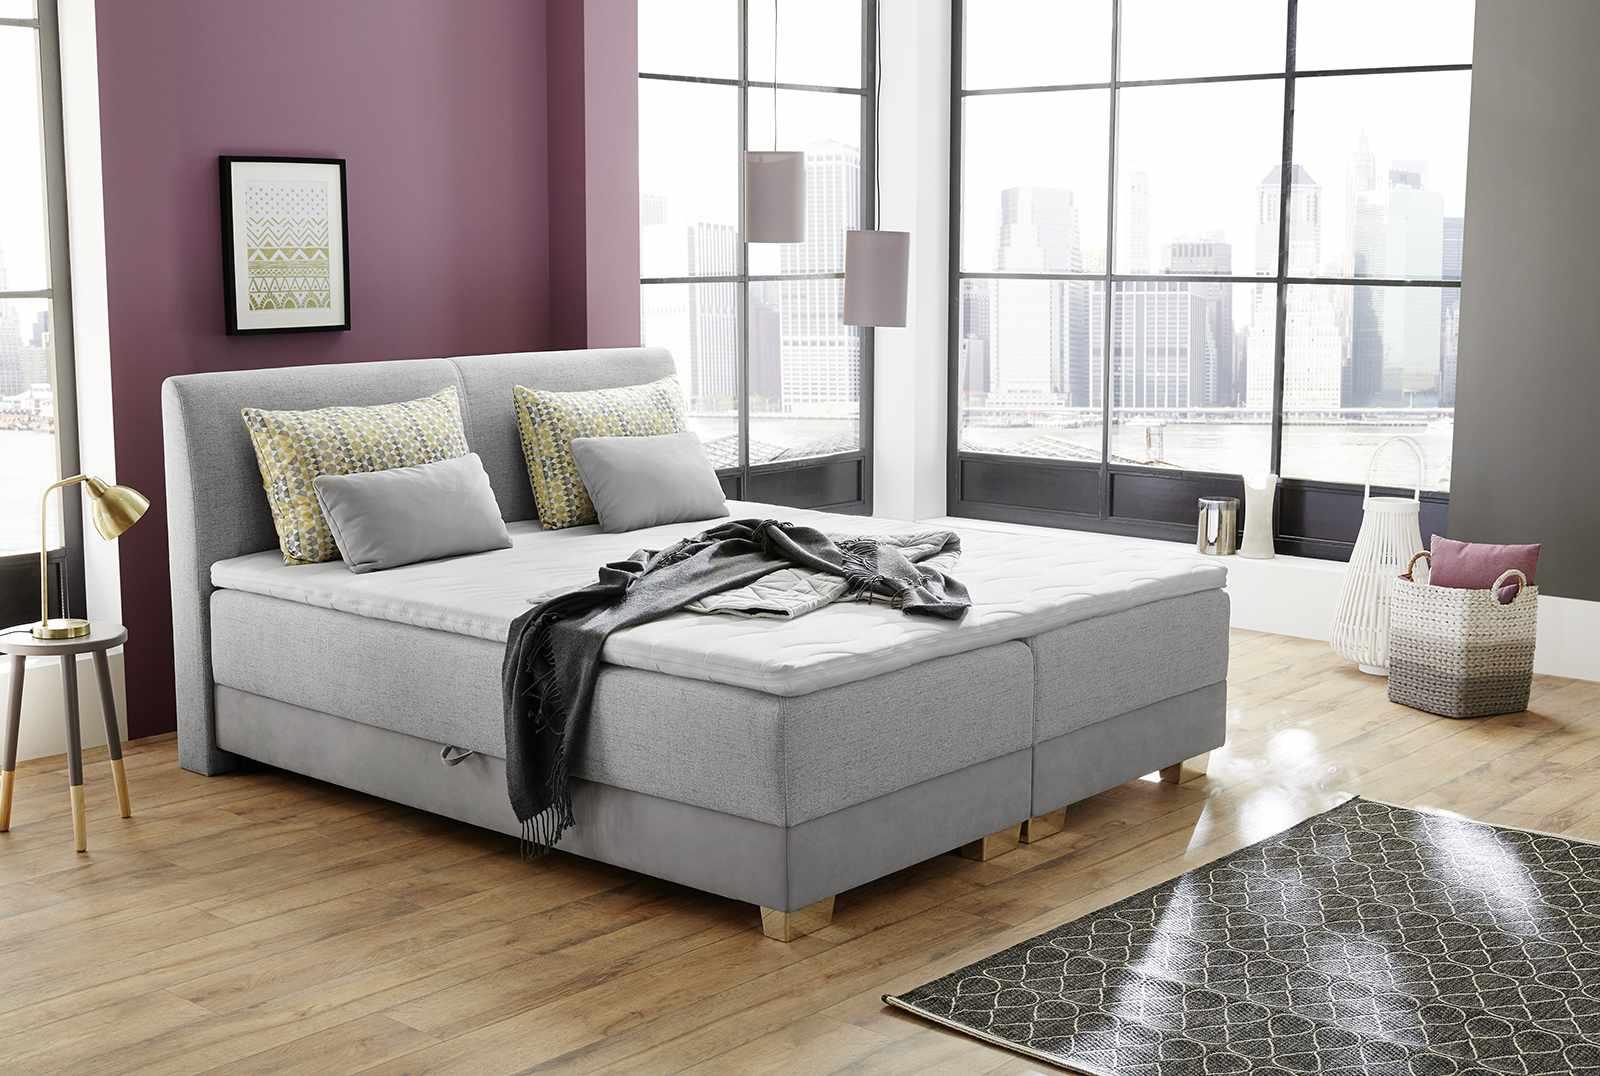 boxspringbett julia boxspringbetten boxspring sortiment pack zu m bel sb und k chen discount. Black Bedroom Furniture Sets. Home Design Ideas